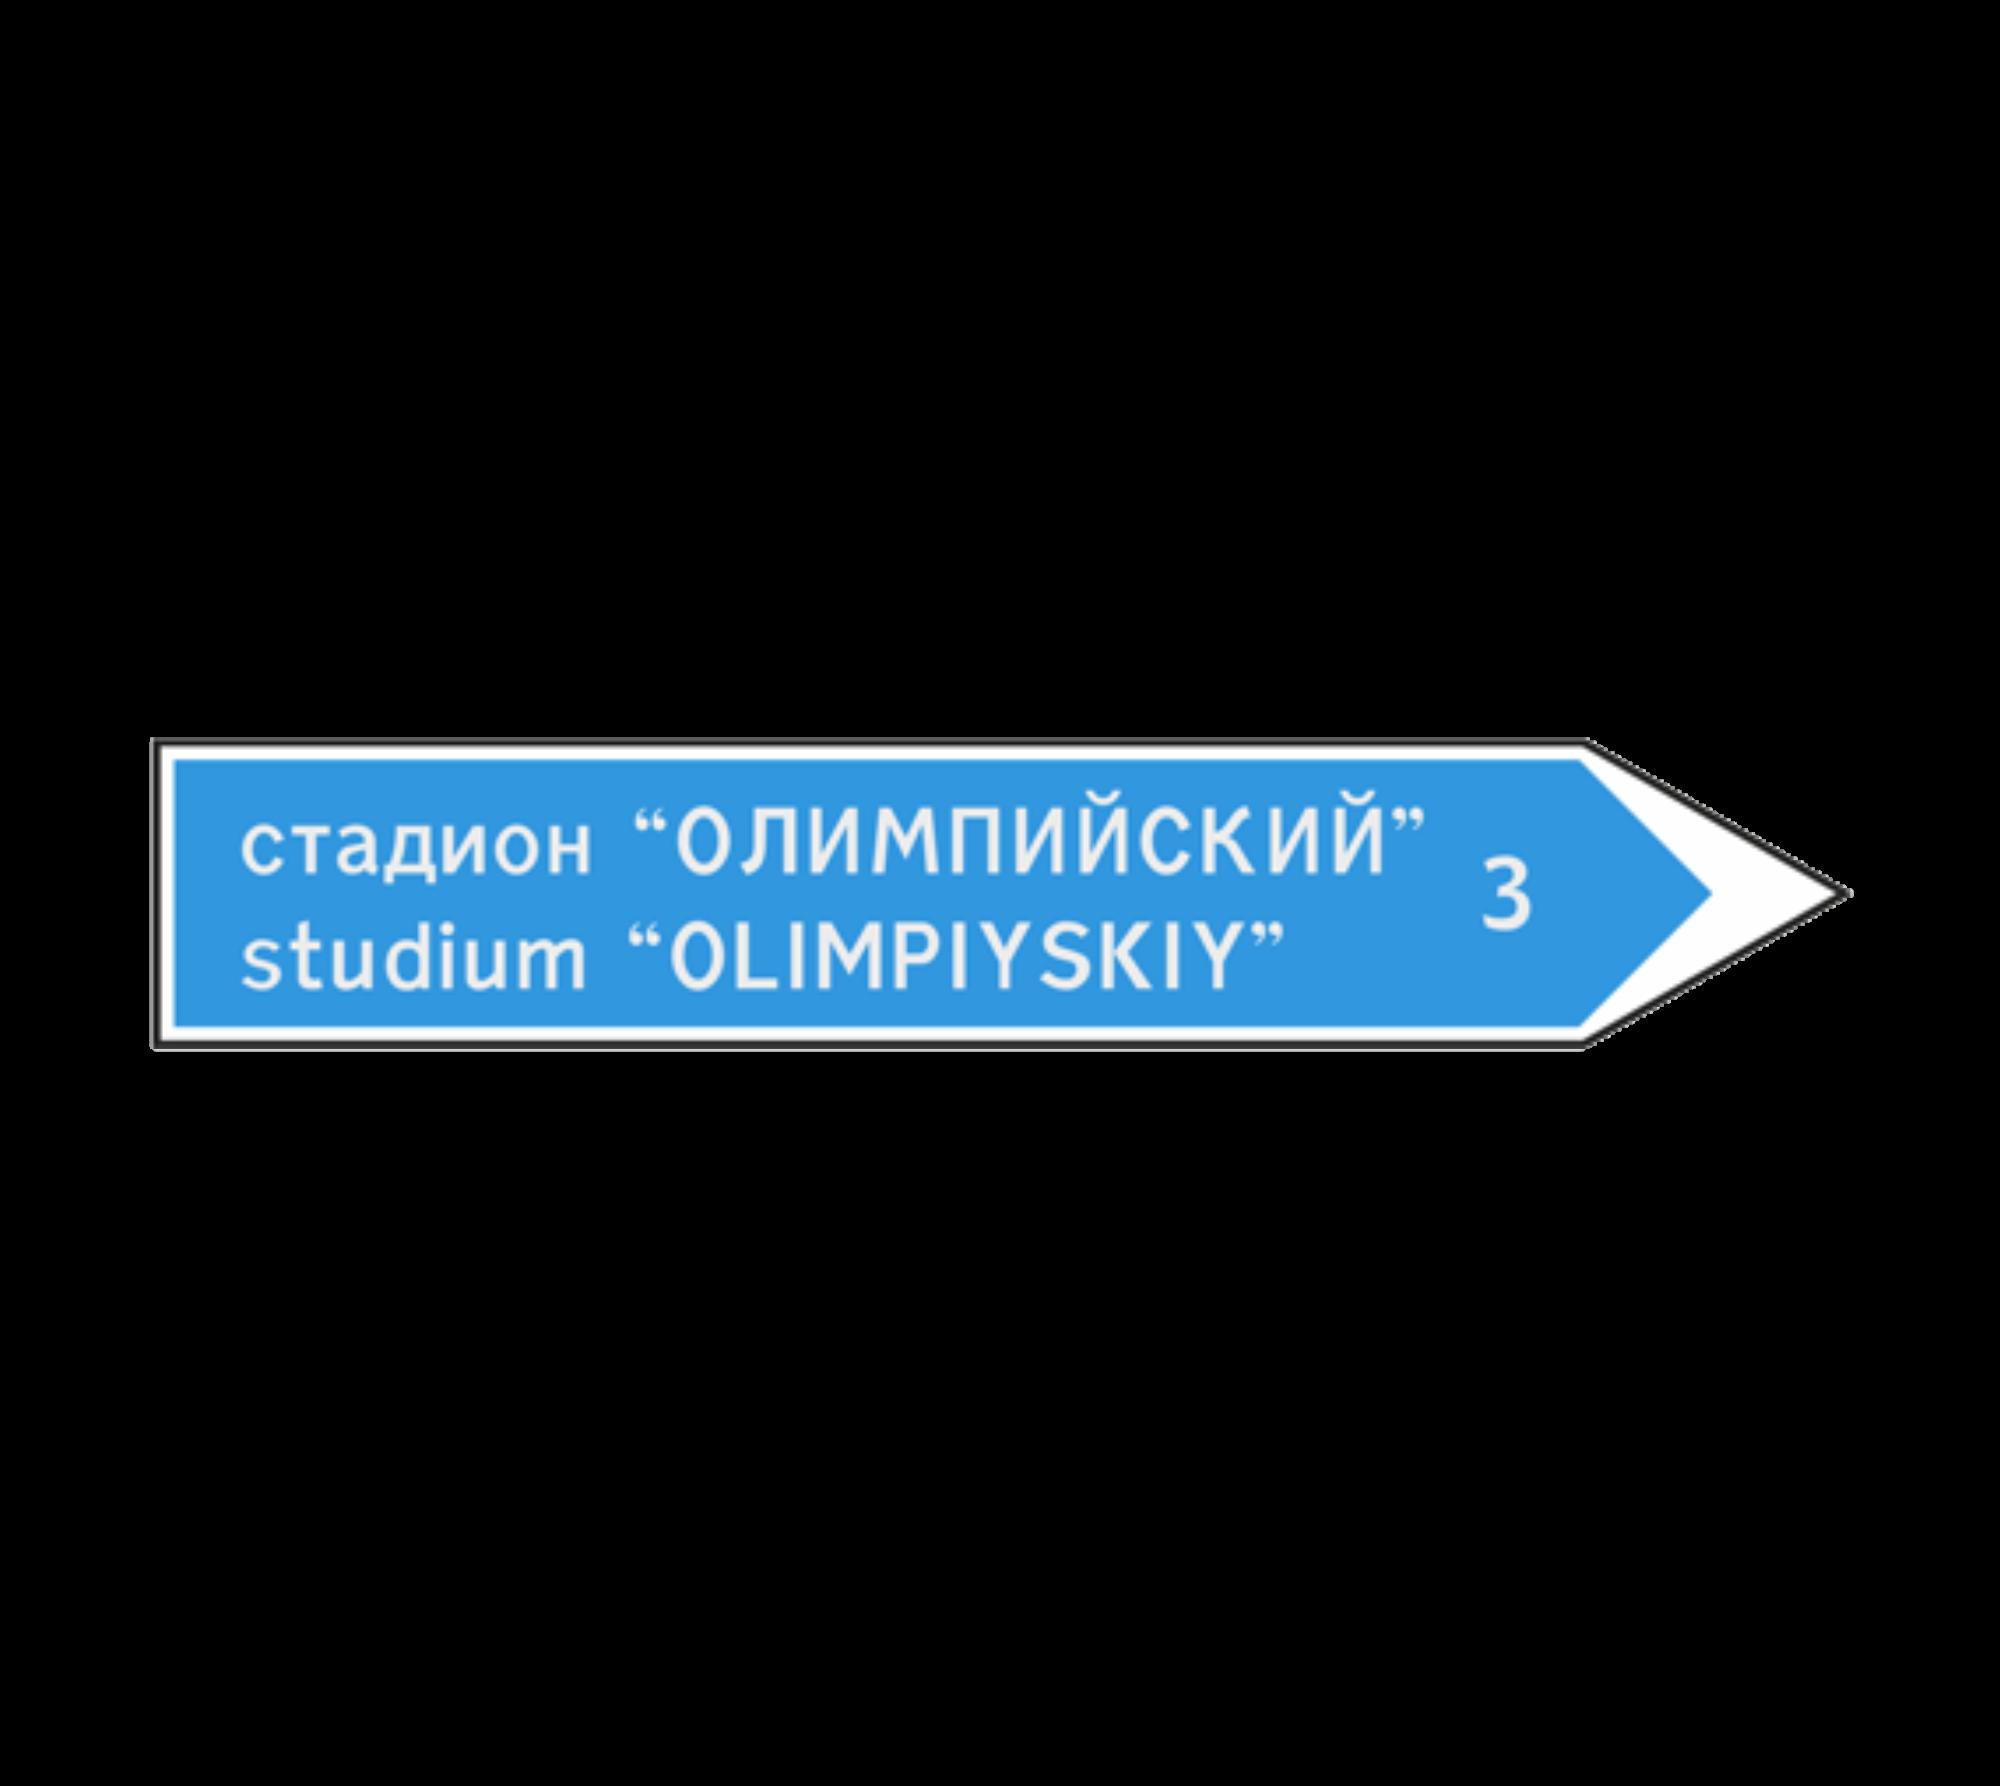 6.10.2 Указатель направления